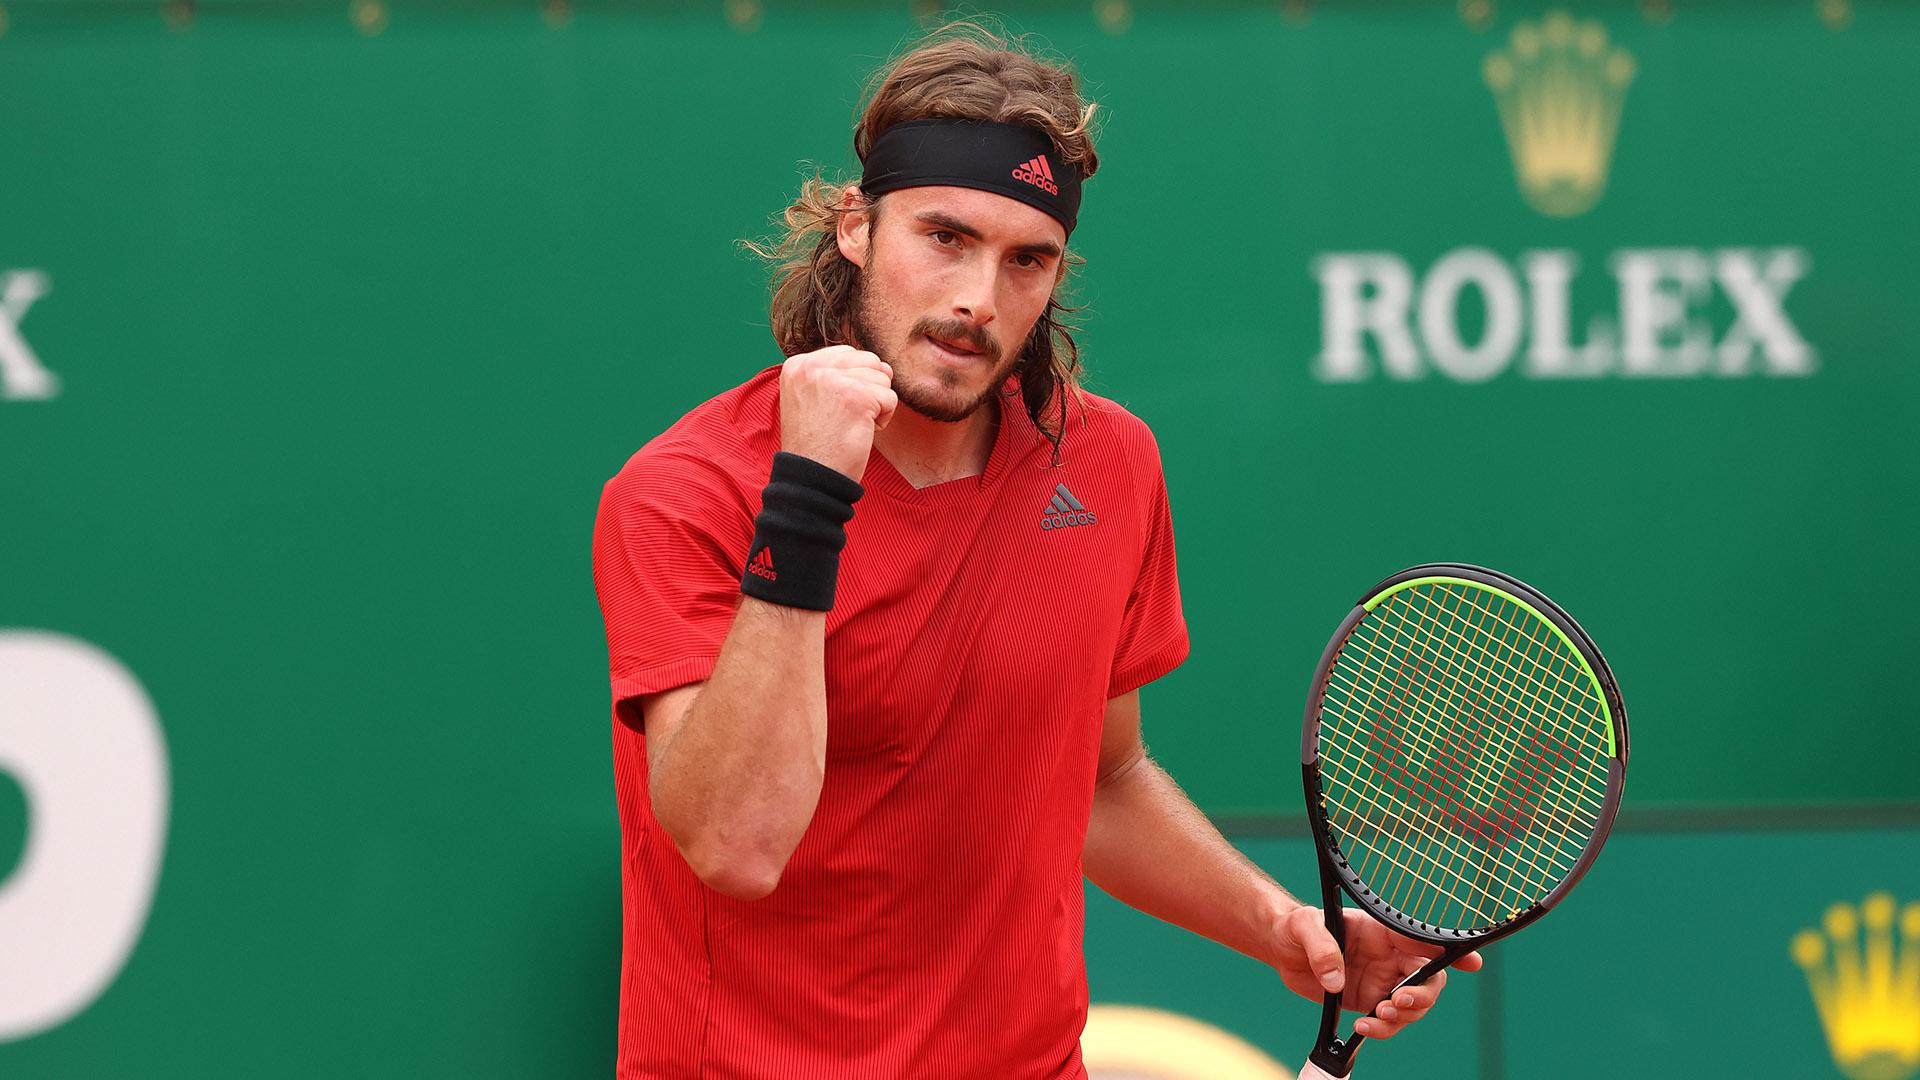 Циципас и Рублев победили и вышли в финал Monte Carlo Masters